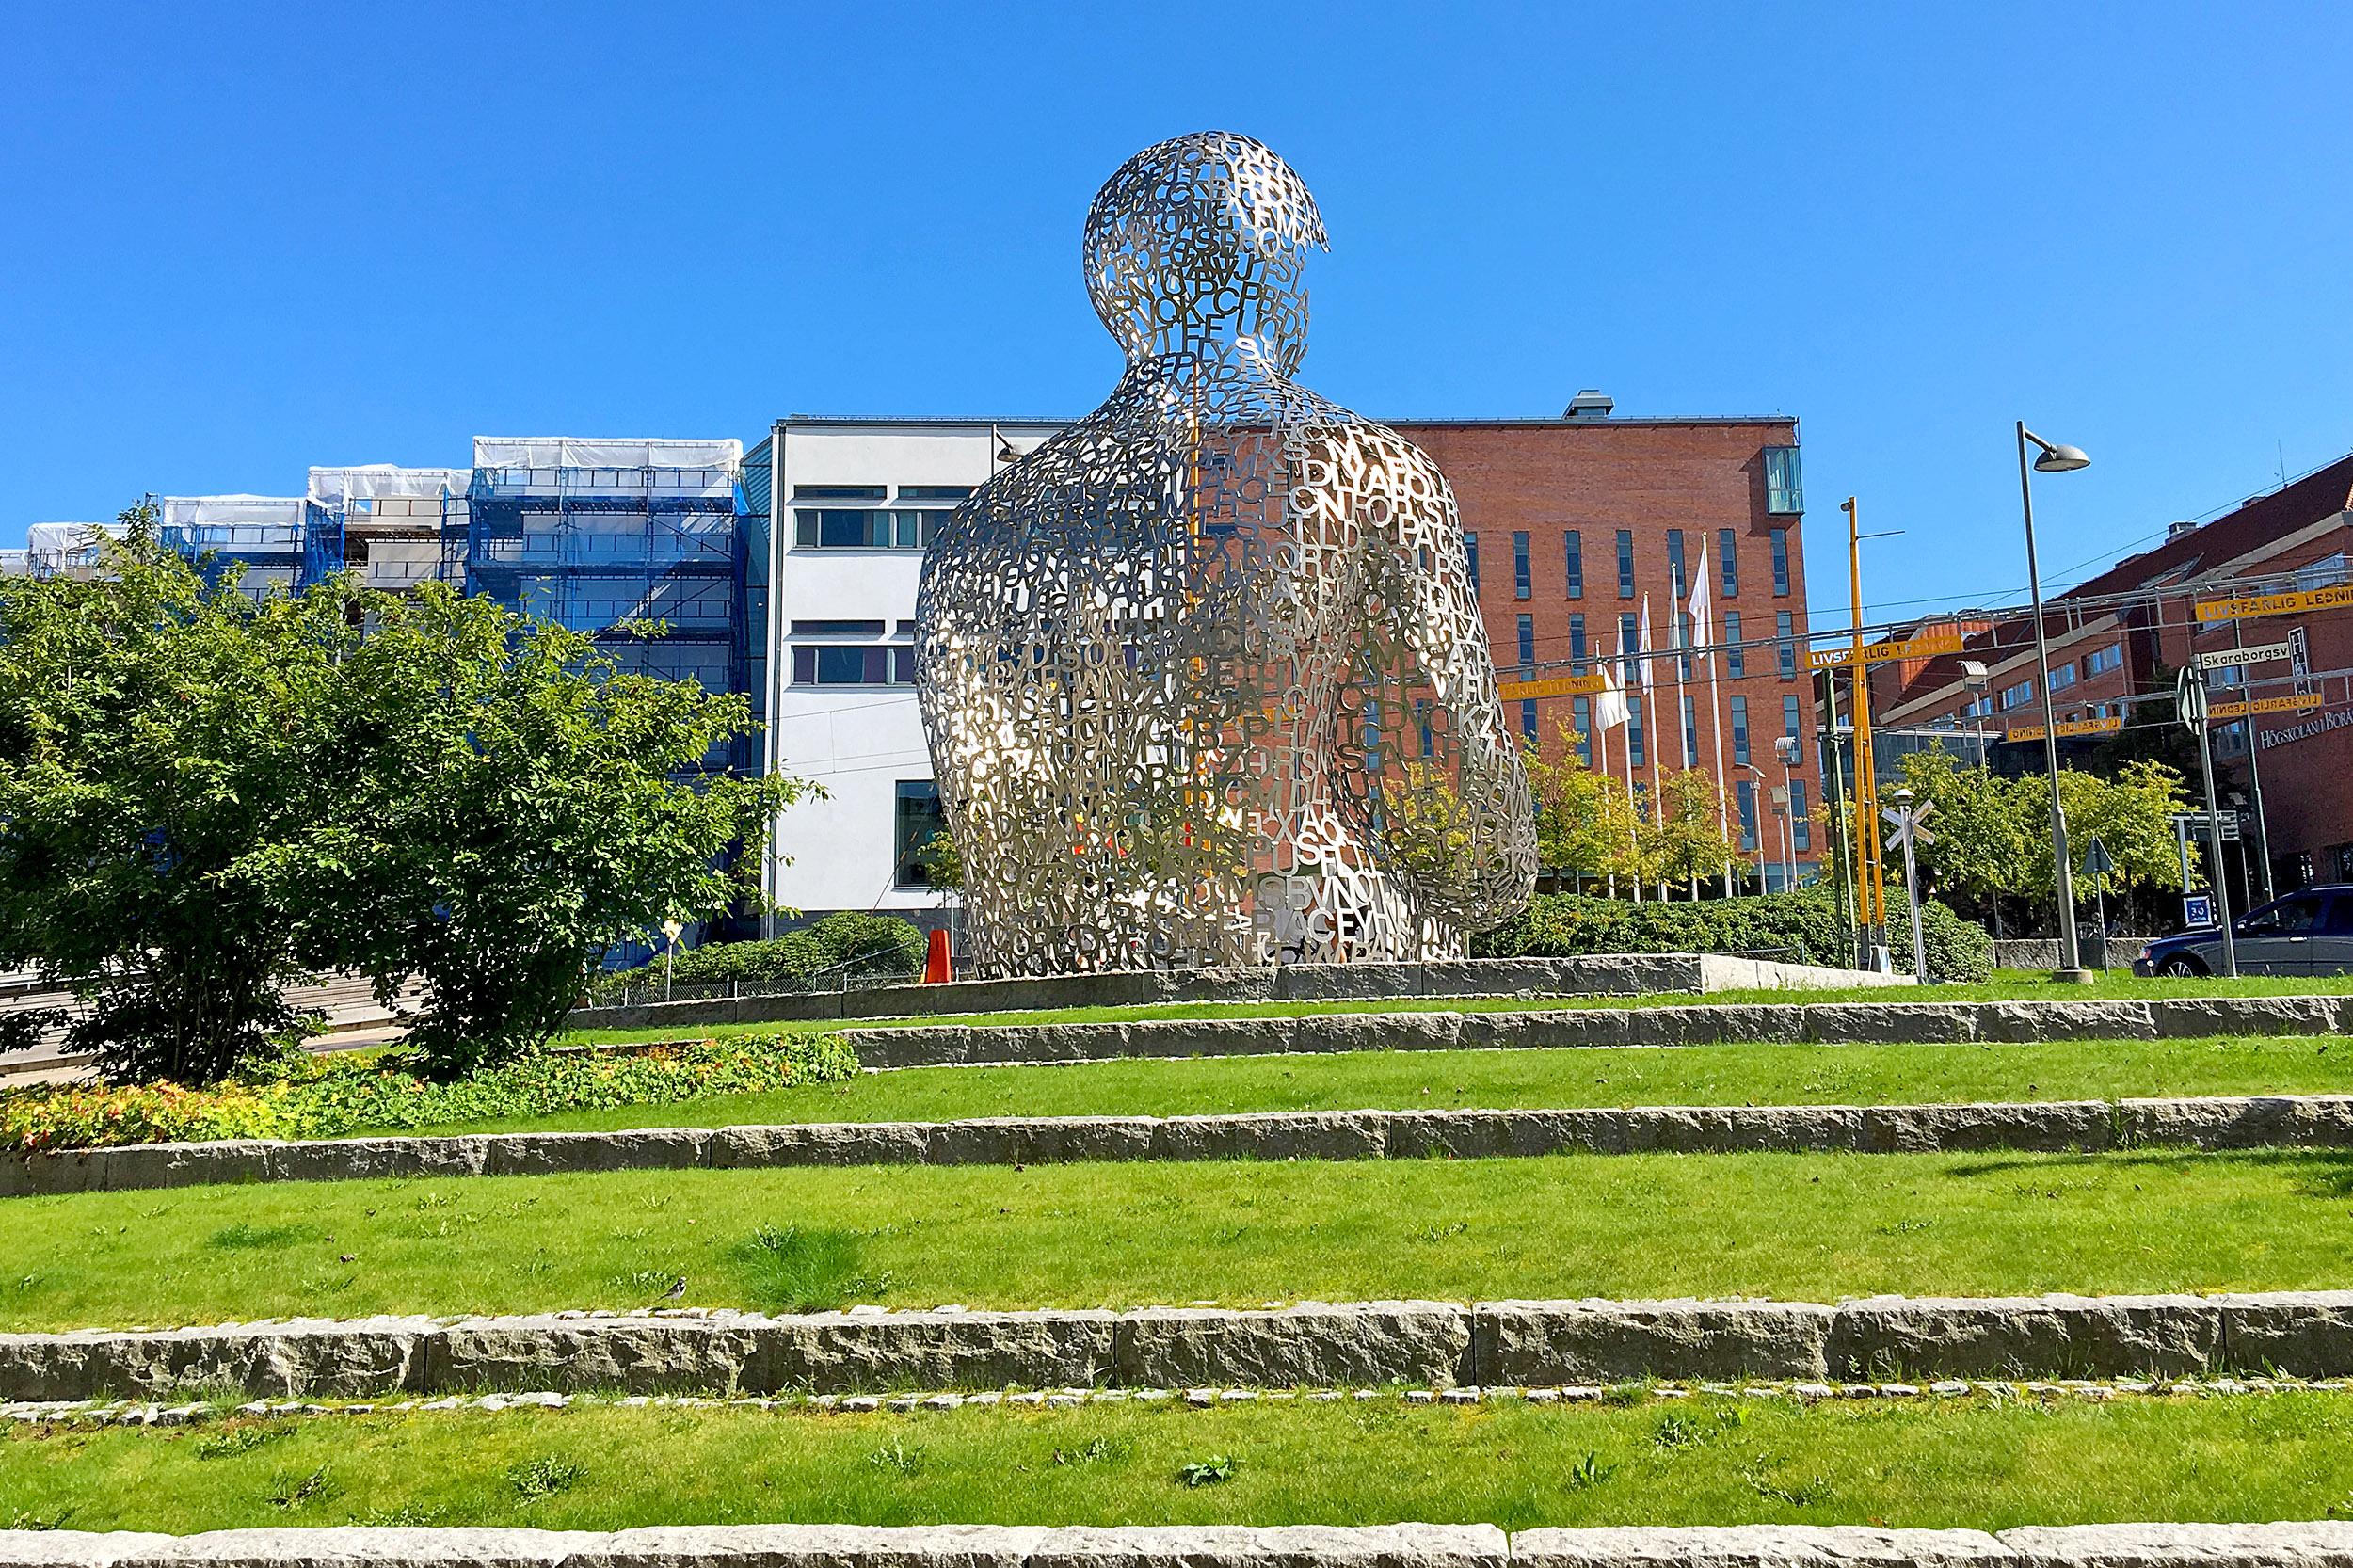 House of Knowledge är gjord av Jaume Plensa.